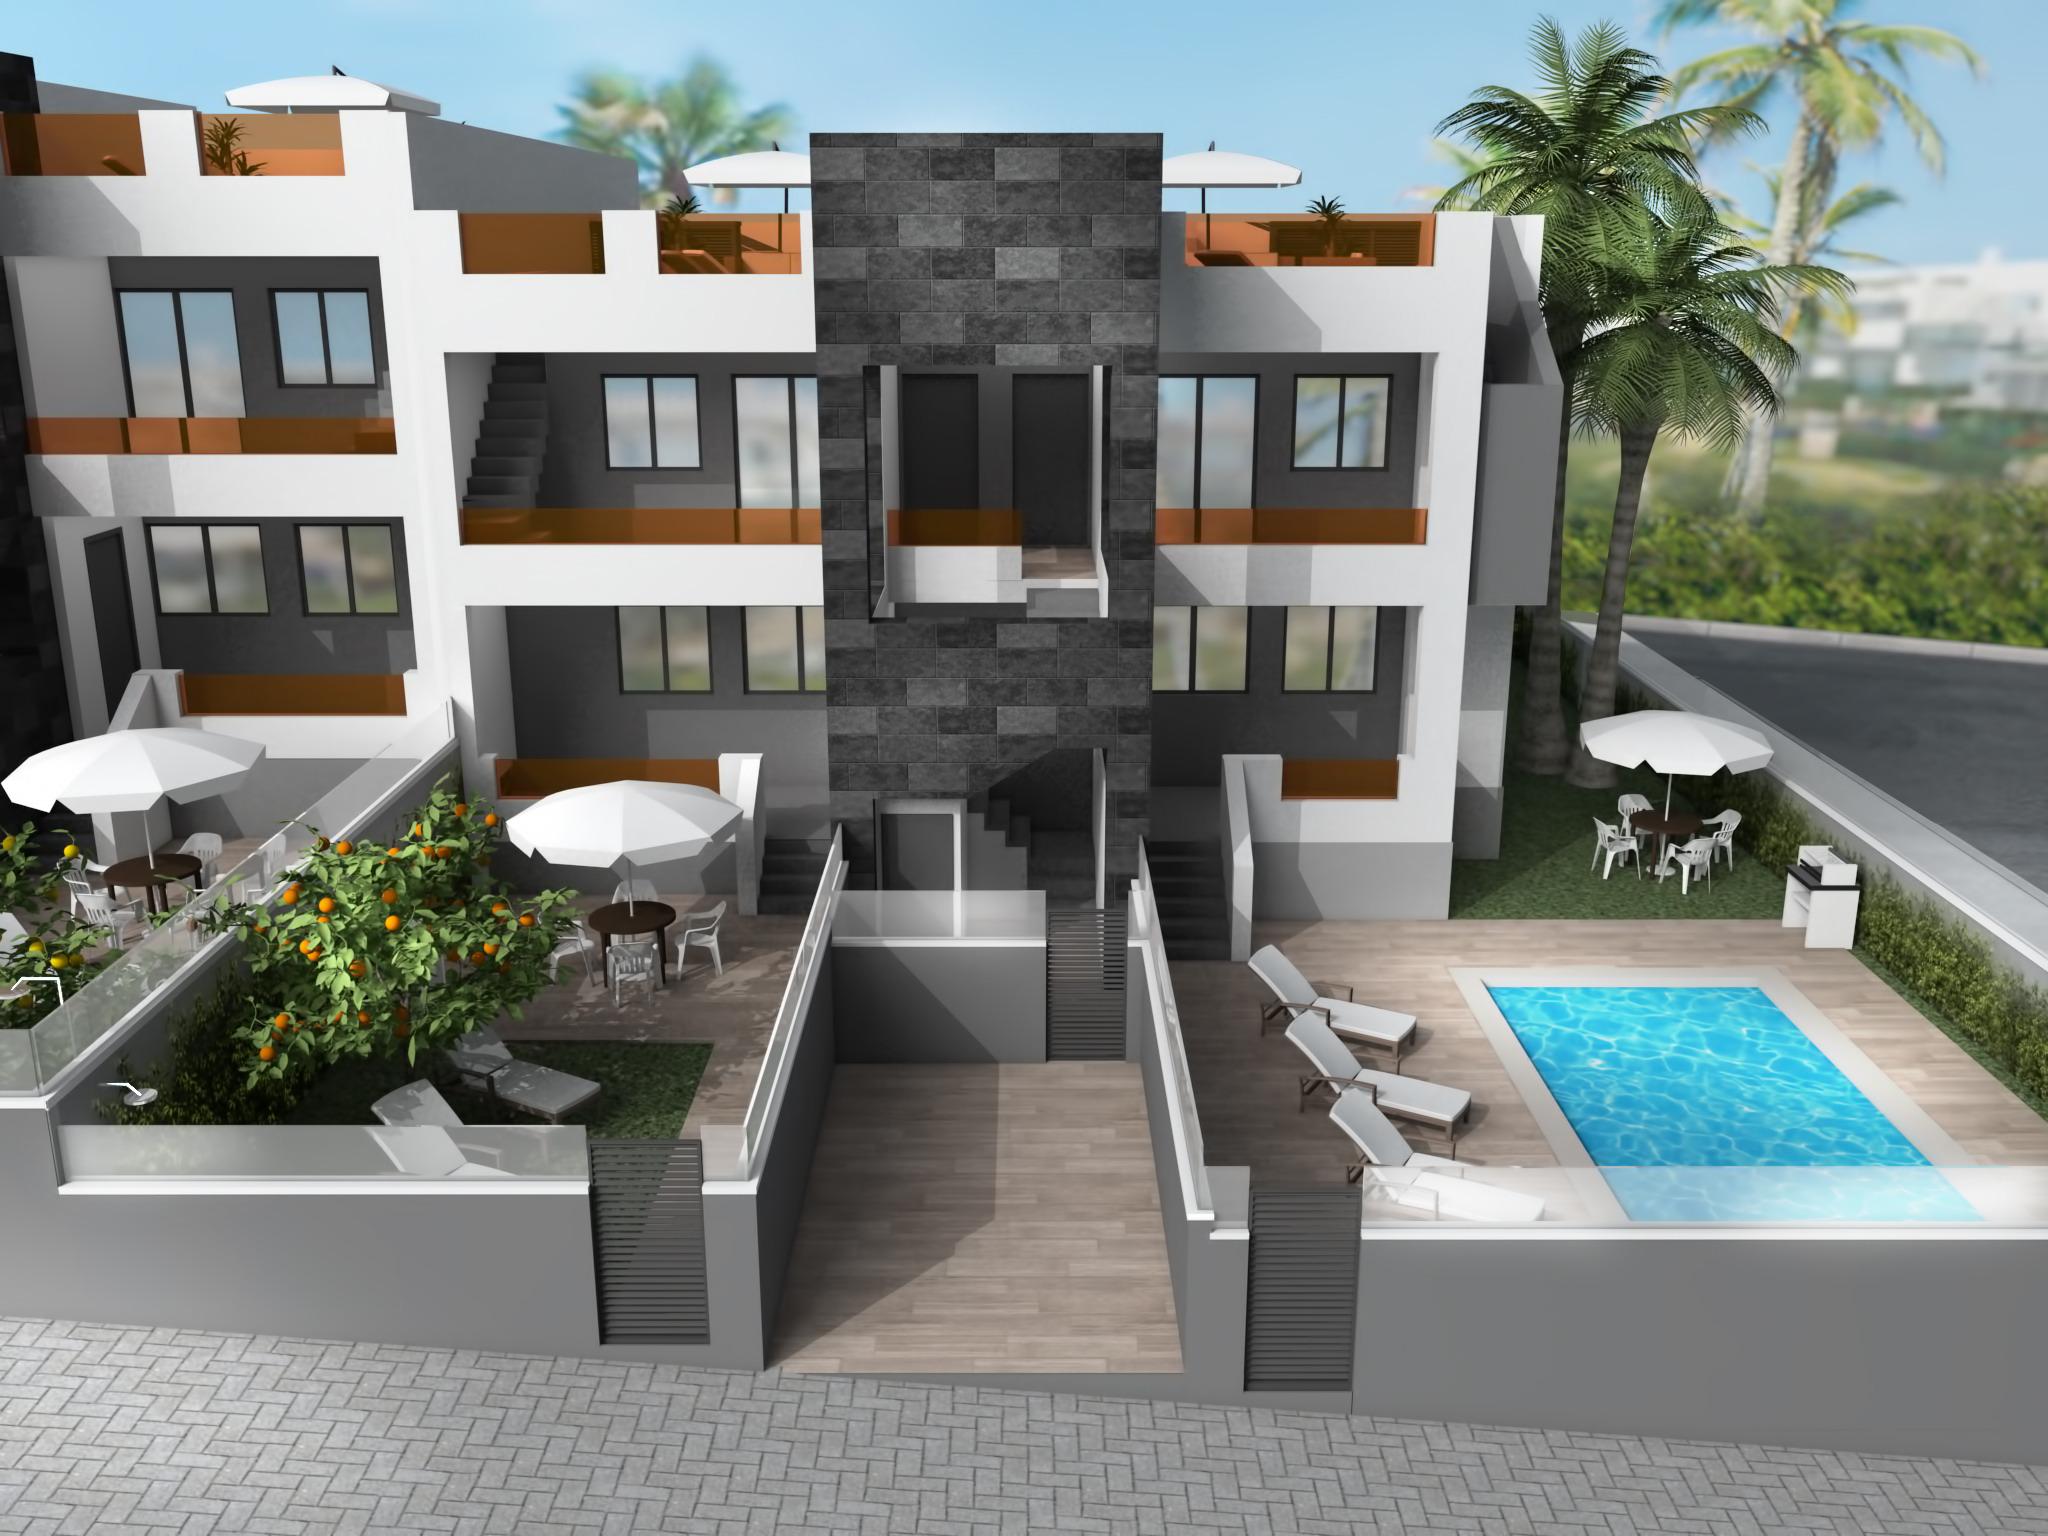 kf941585: Apartment for sale in Los Altos Orihuela Costa